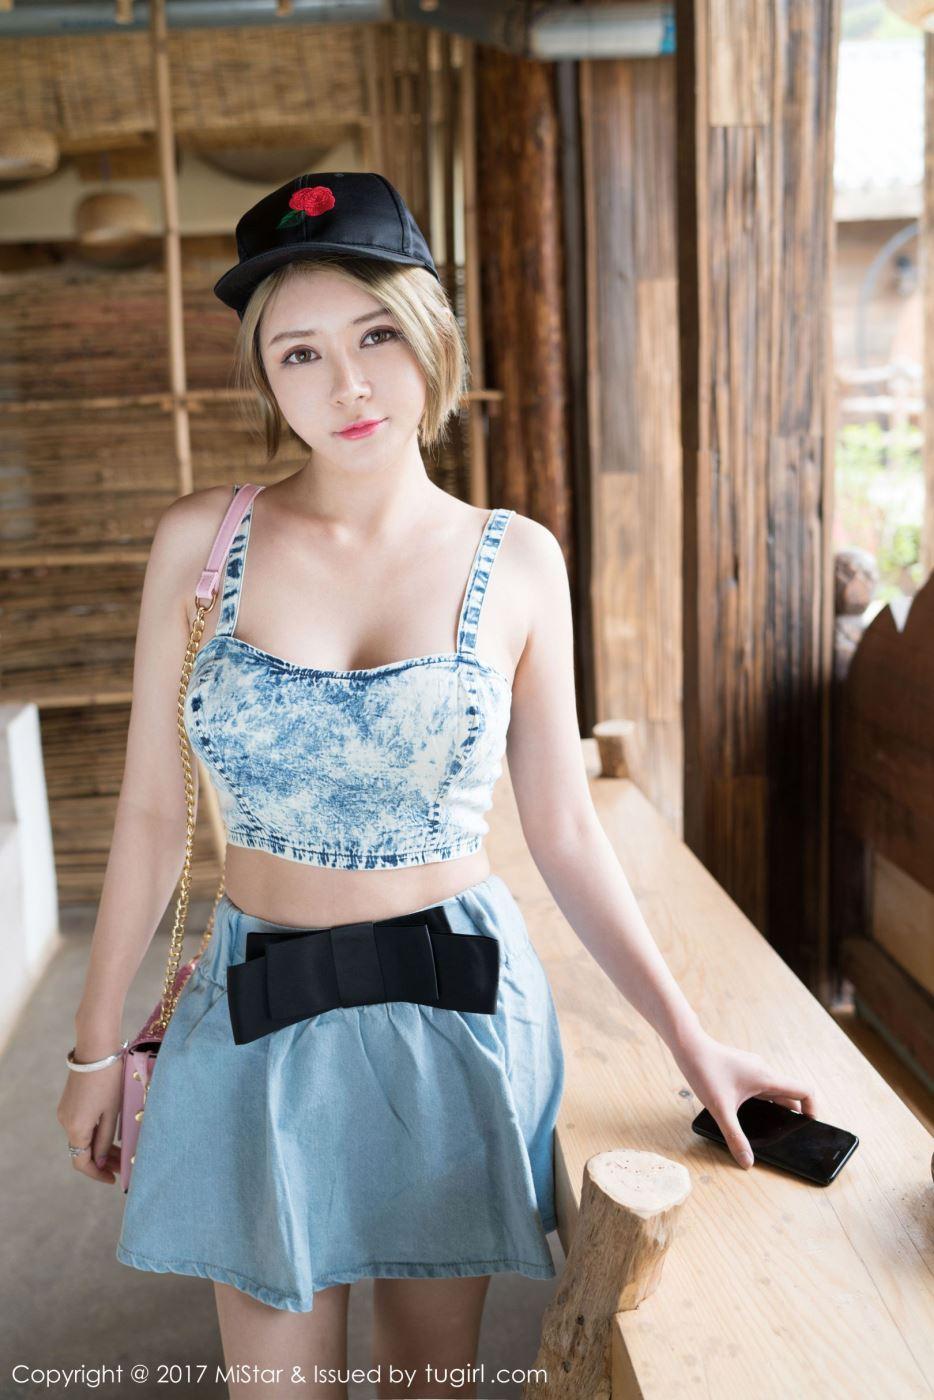 小清新萌妹子凯竹BuiBui短发美女性感时尚写真图片